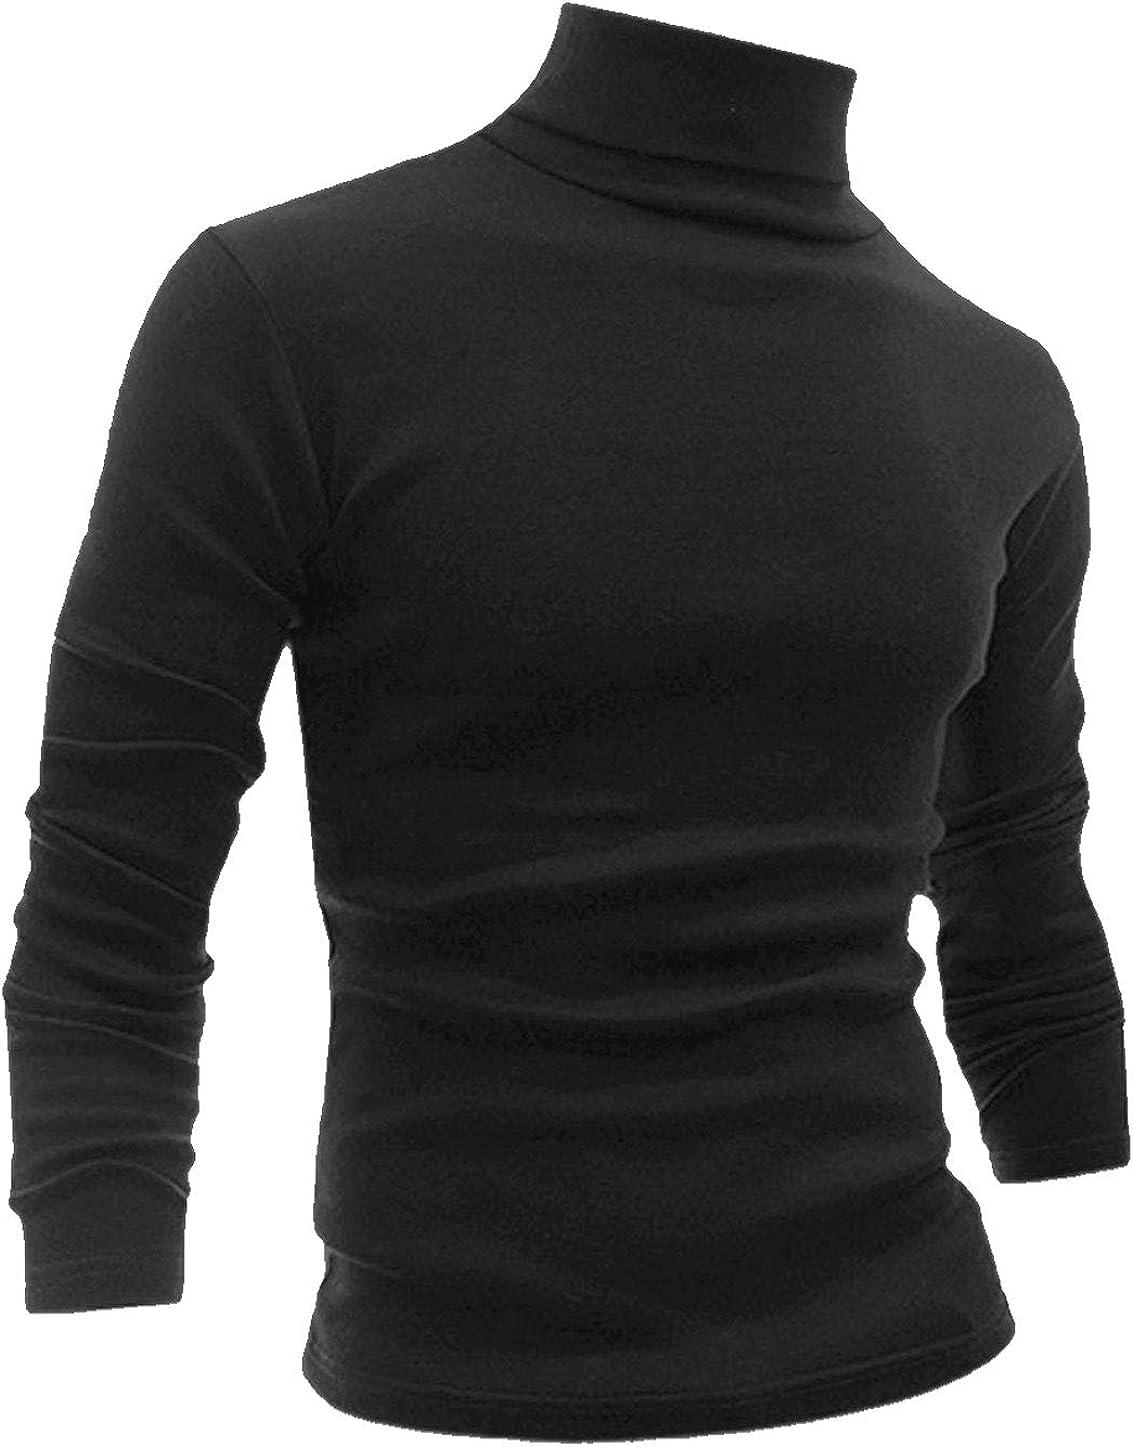 Men Slim Fit Lightweight Turtleneck Long Sleeve Pullover